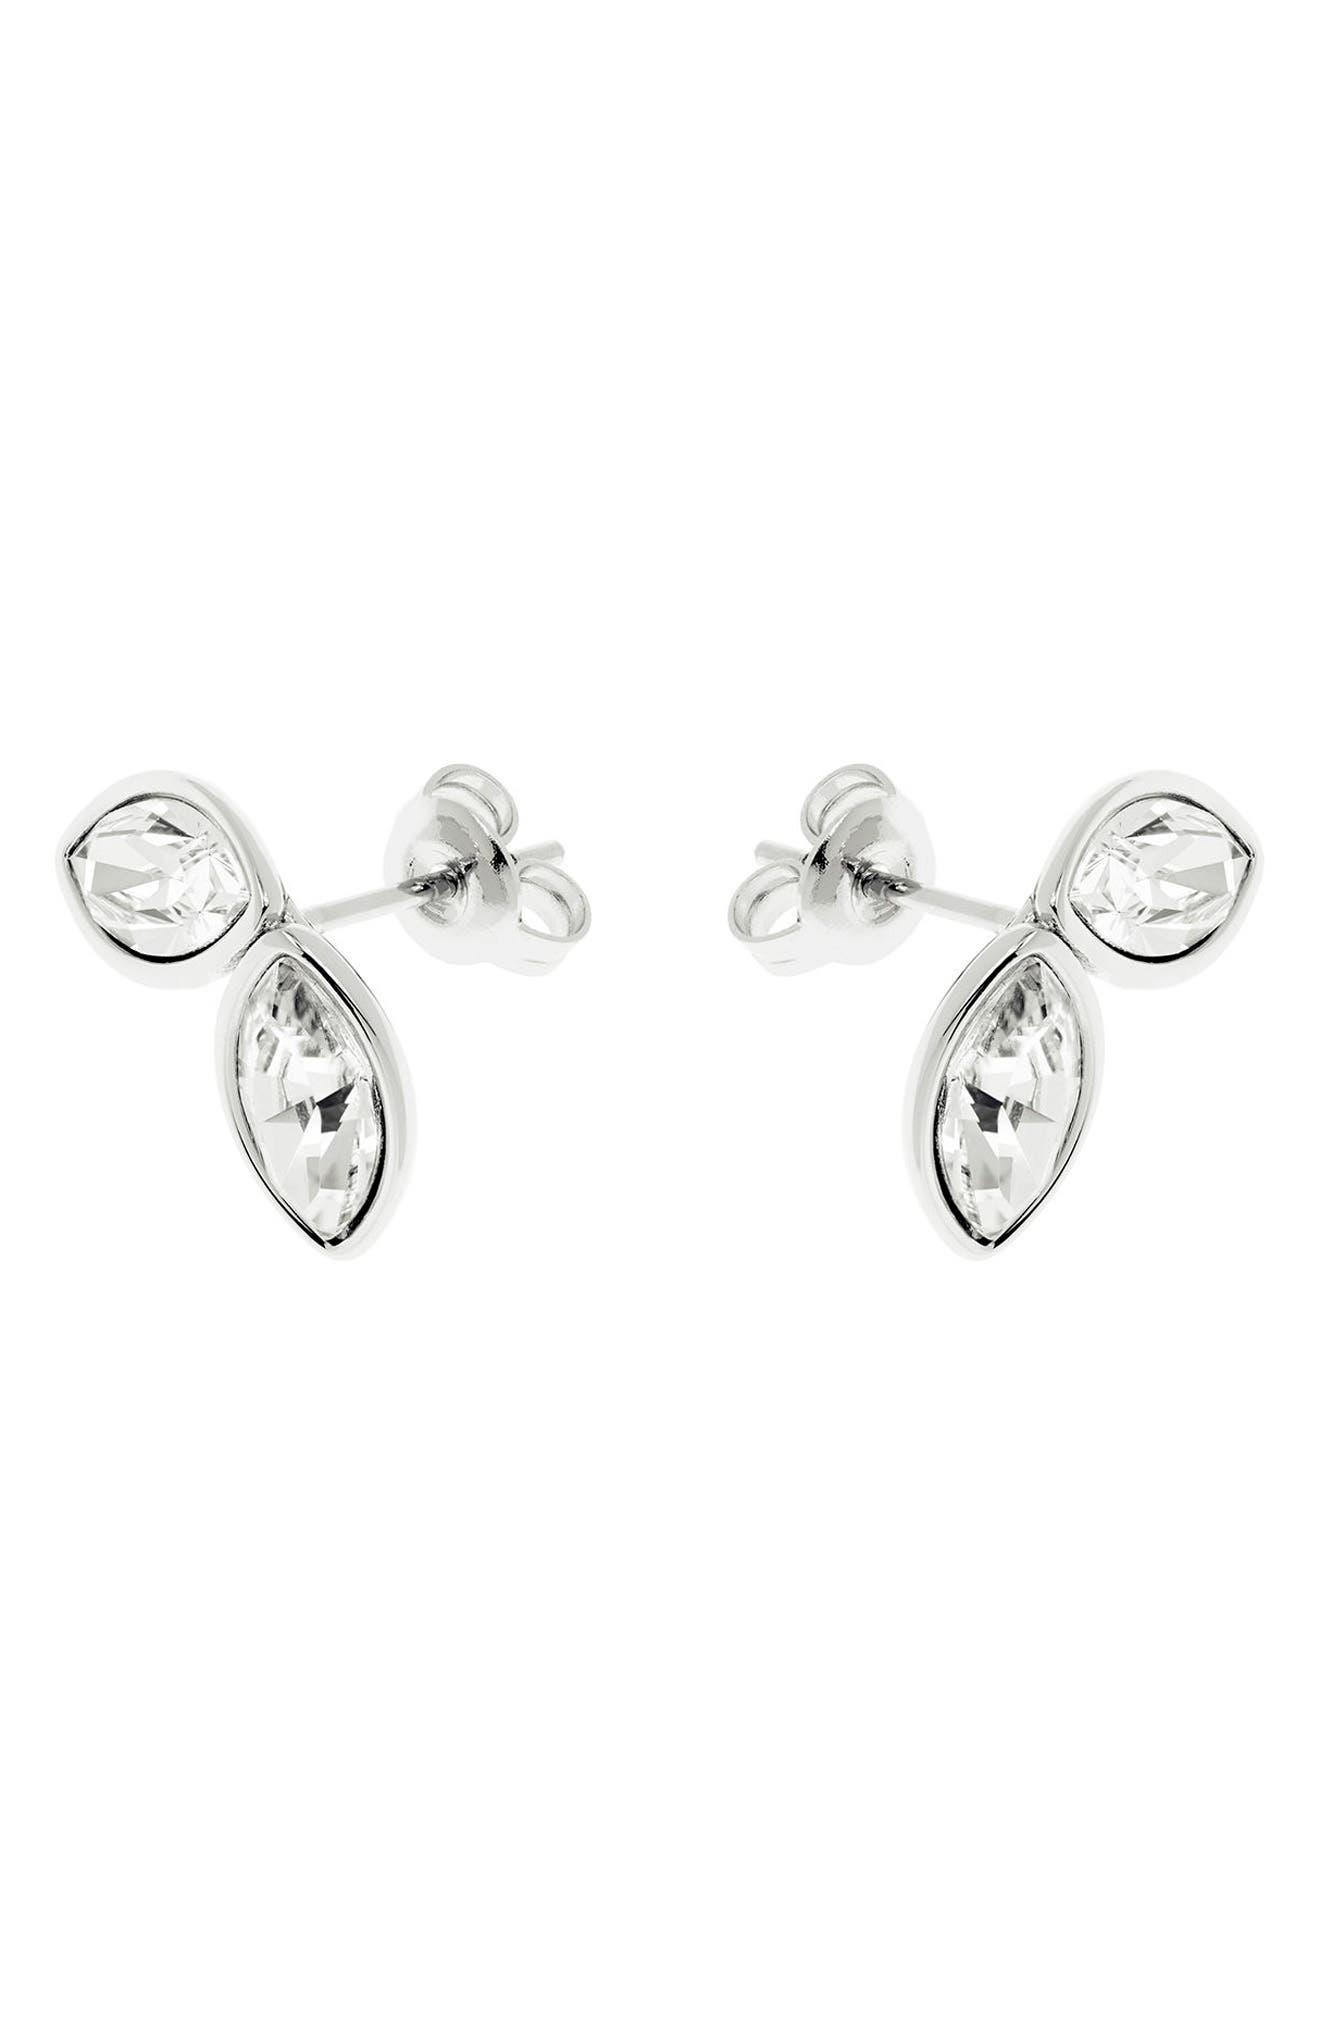 Alternate Image 1 Selected - Ted Baker London Geometric Bee Stud Earrings